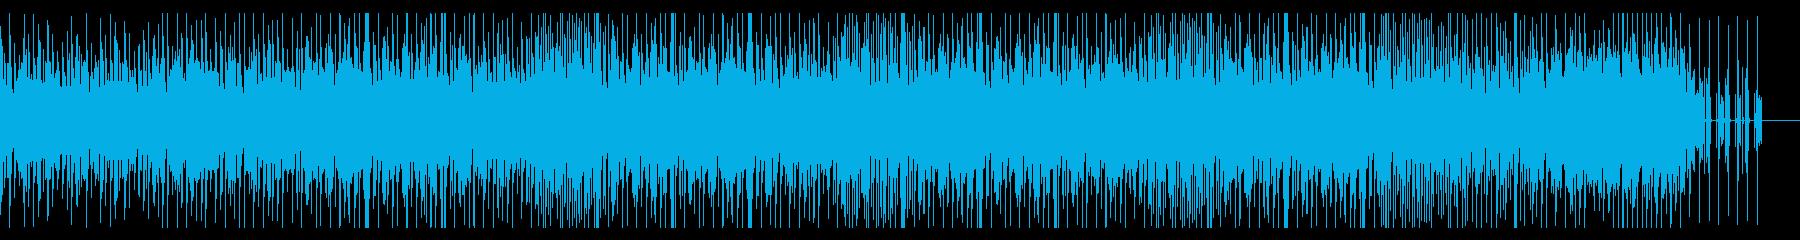 ミニマルで有機的なチルアウトミュージックの再生済みの波形